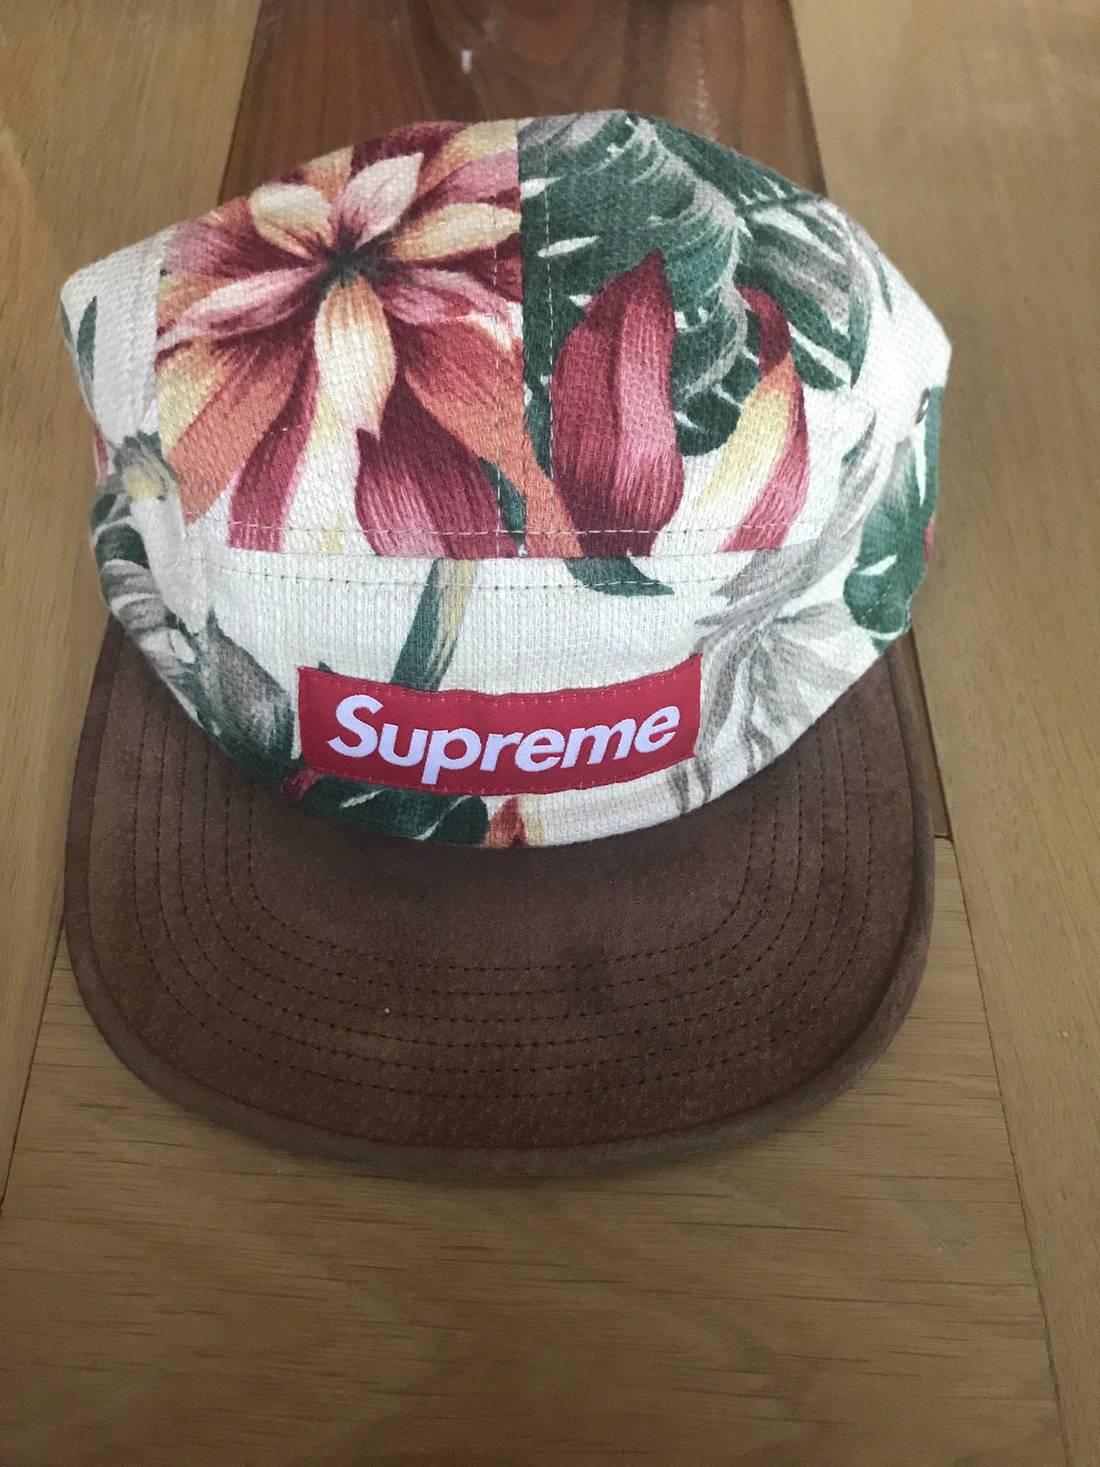 512bcd83a66 ... hot supreme supreme floral camp cap 2012 size one size 2 9e3e0 b6de8